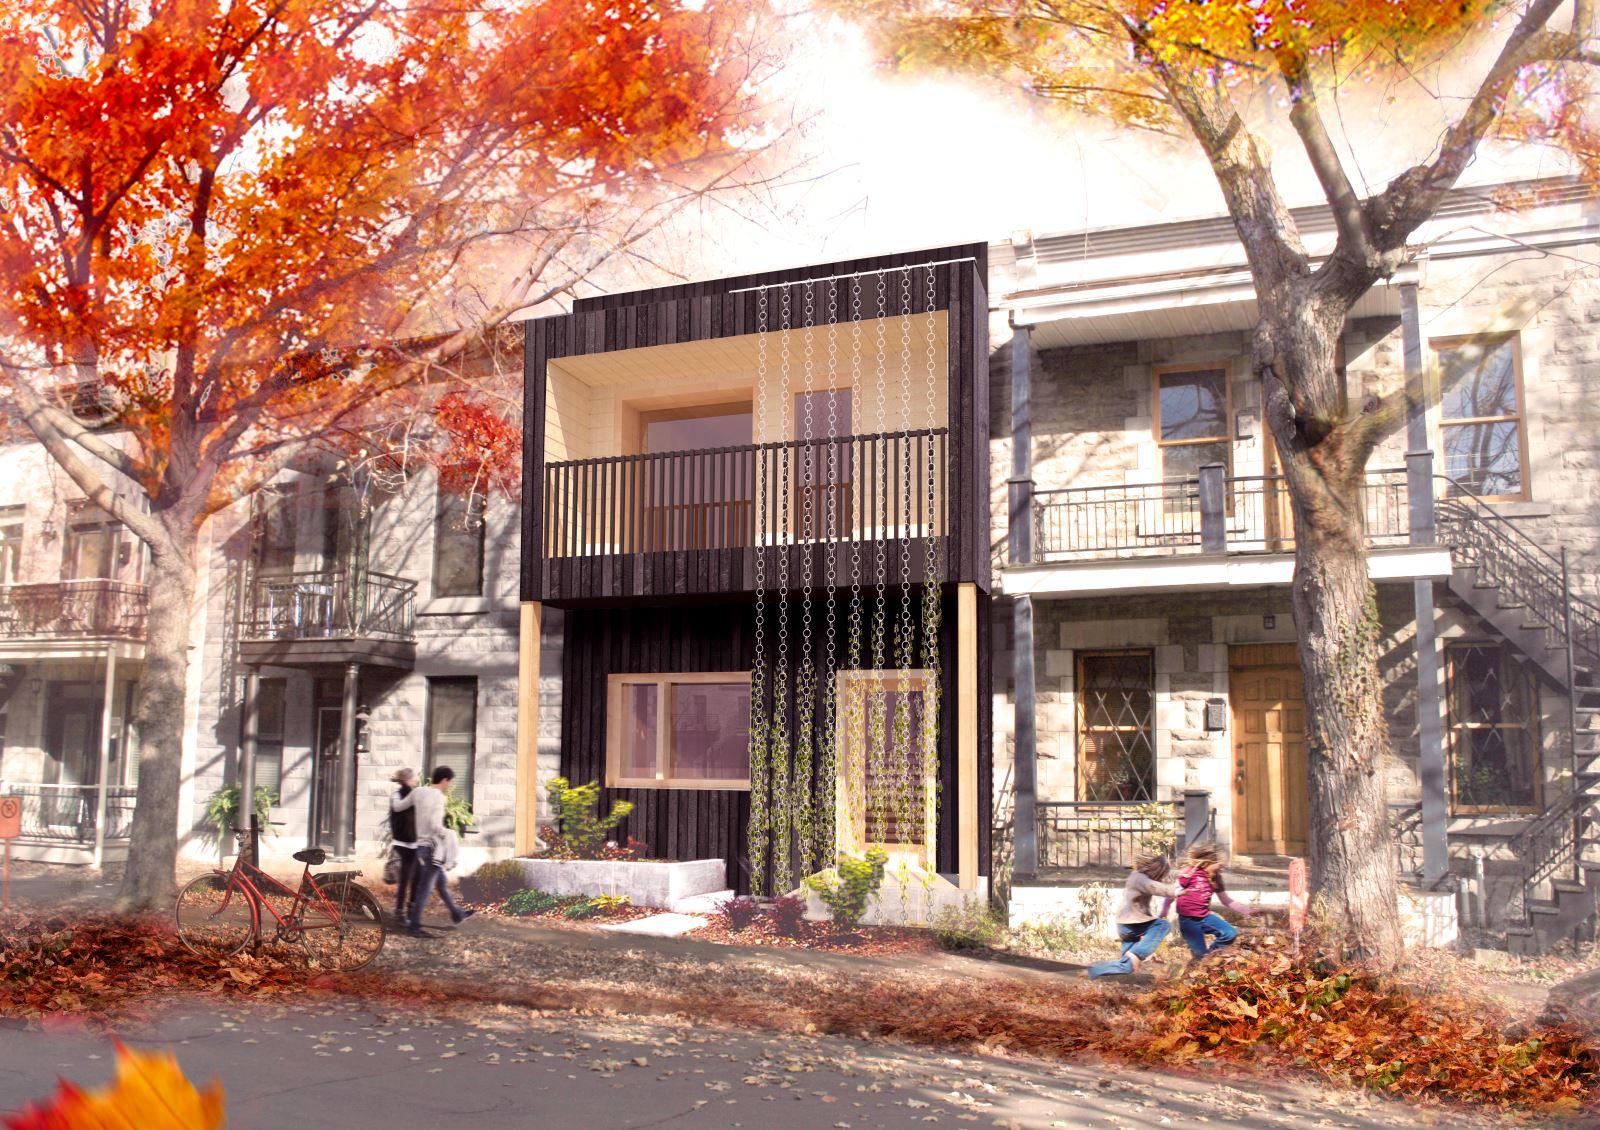 des tudiants montr alais construisent une maison autosuffisante index. Black Bedroom Furniture Sets. Home Design Ideas